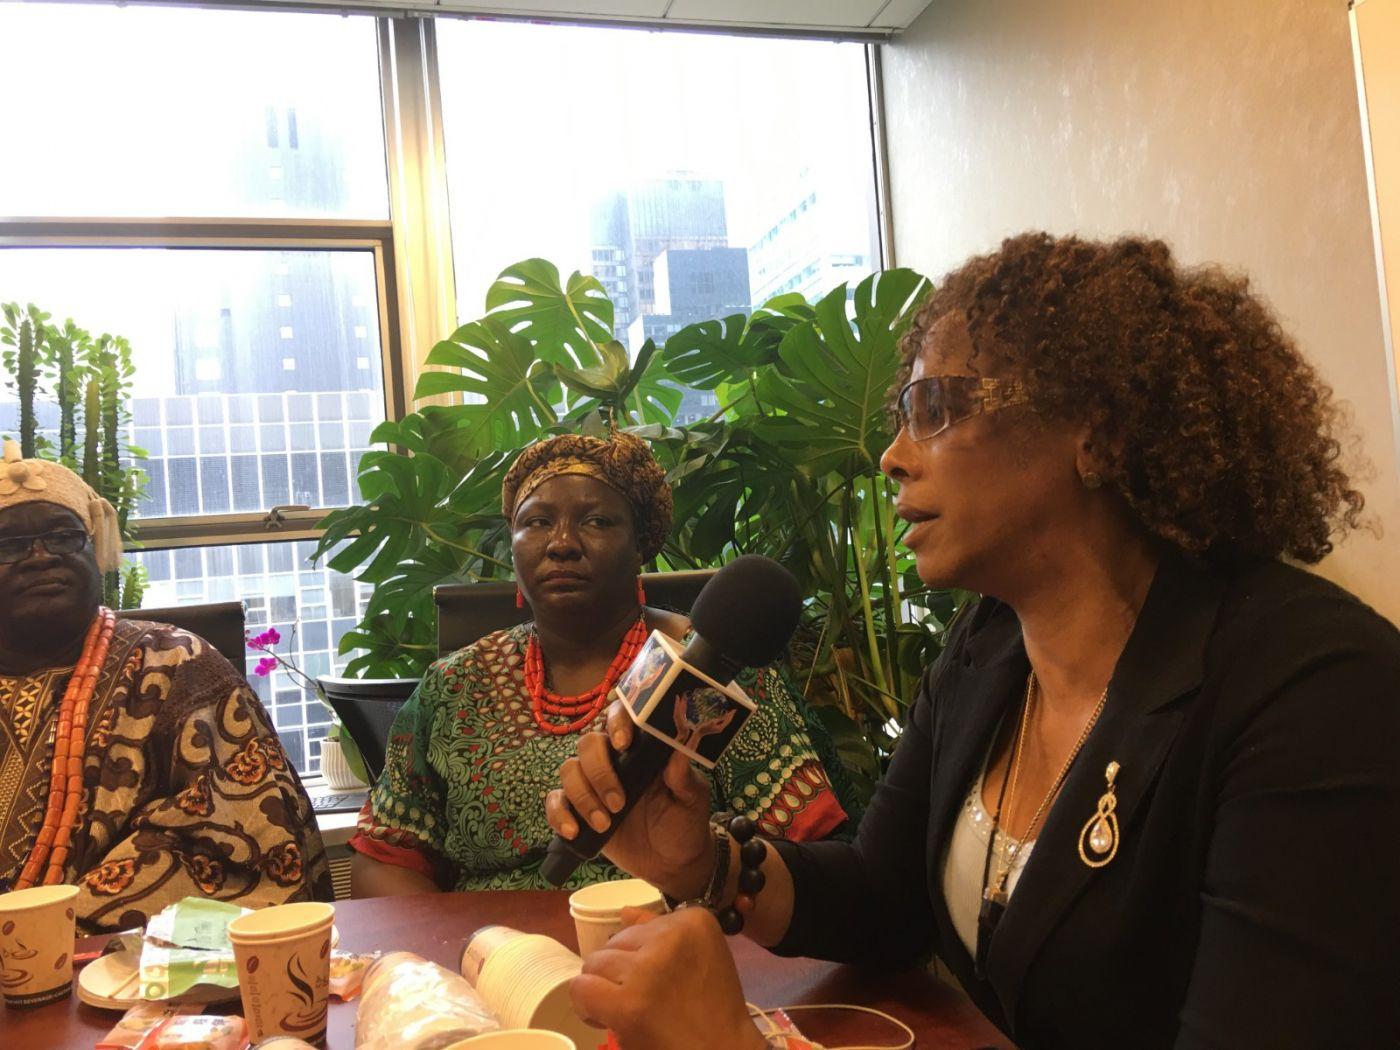 聯合國中華媽祖文化發展基金會受邀参加聯合國納尔遜.曼德拉国际日的一系列活动 ..._图1-22